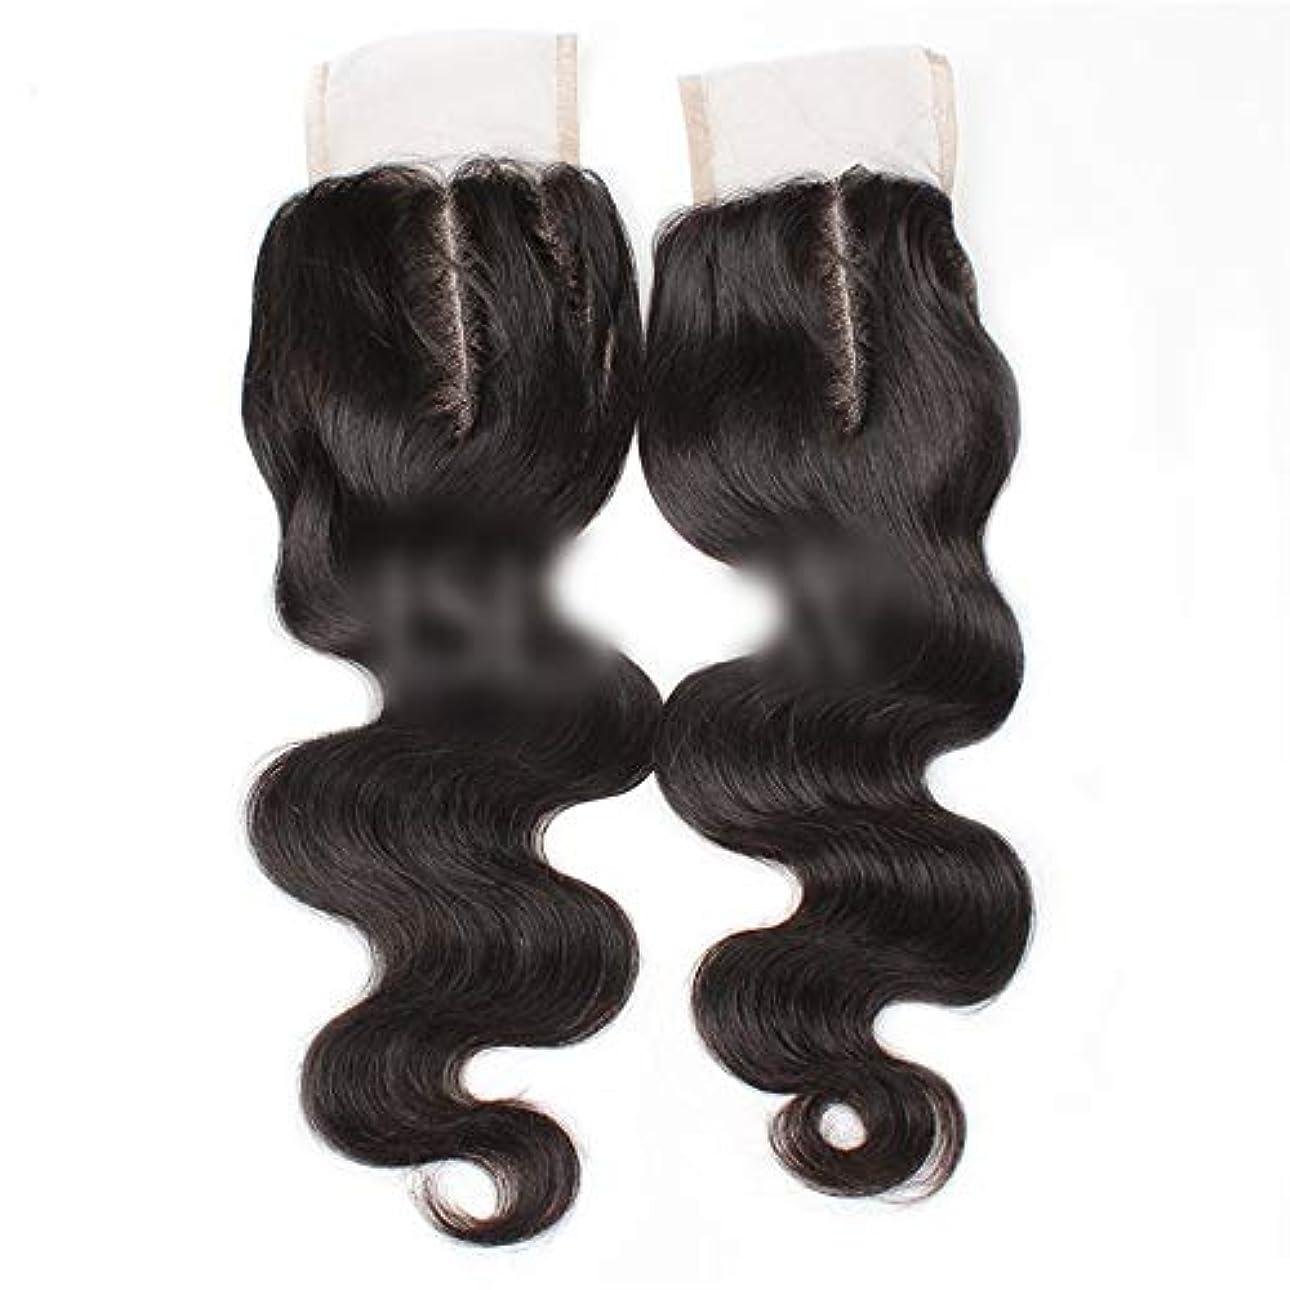 がっかりする指紋水曜日WASAIO ブラジルの髪の女性生物ブラック8用ボディウェーブ上腹部パート人間の髪「-20」4X4レースクロージャー (色 : 黒, サイズ : 18 inch)